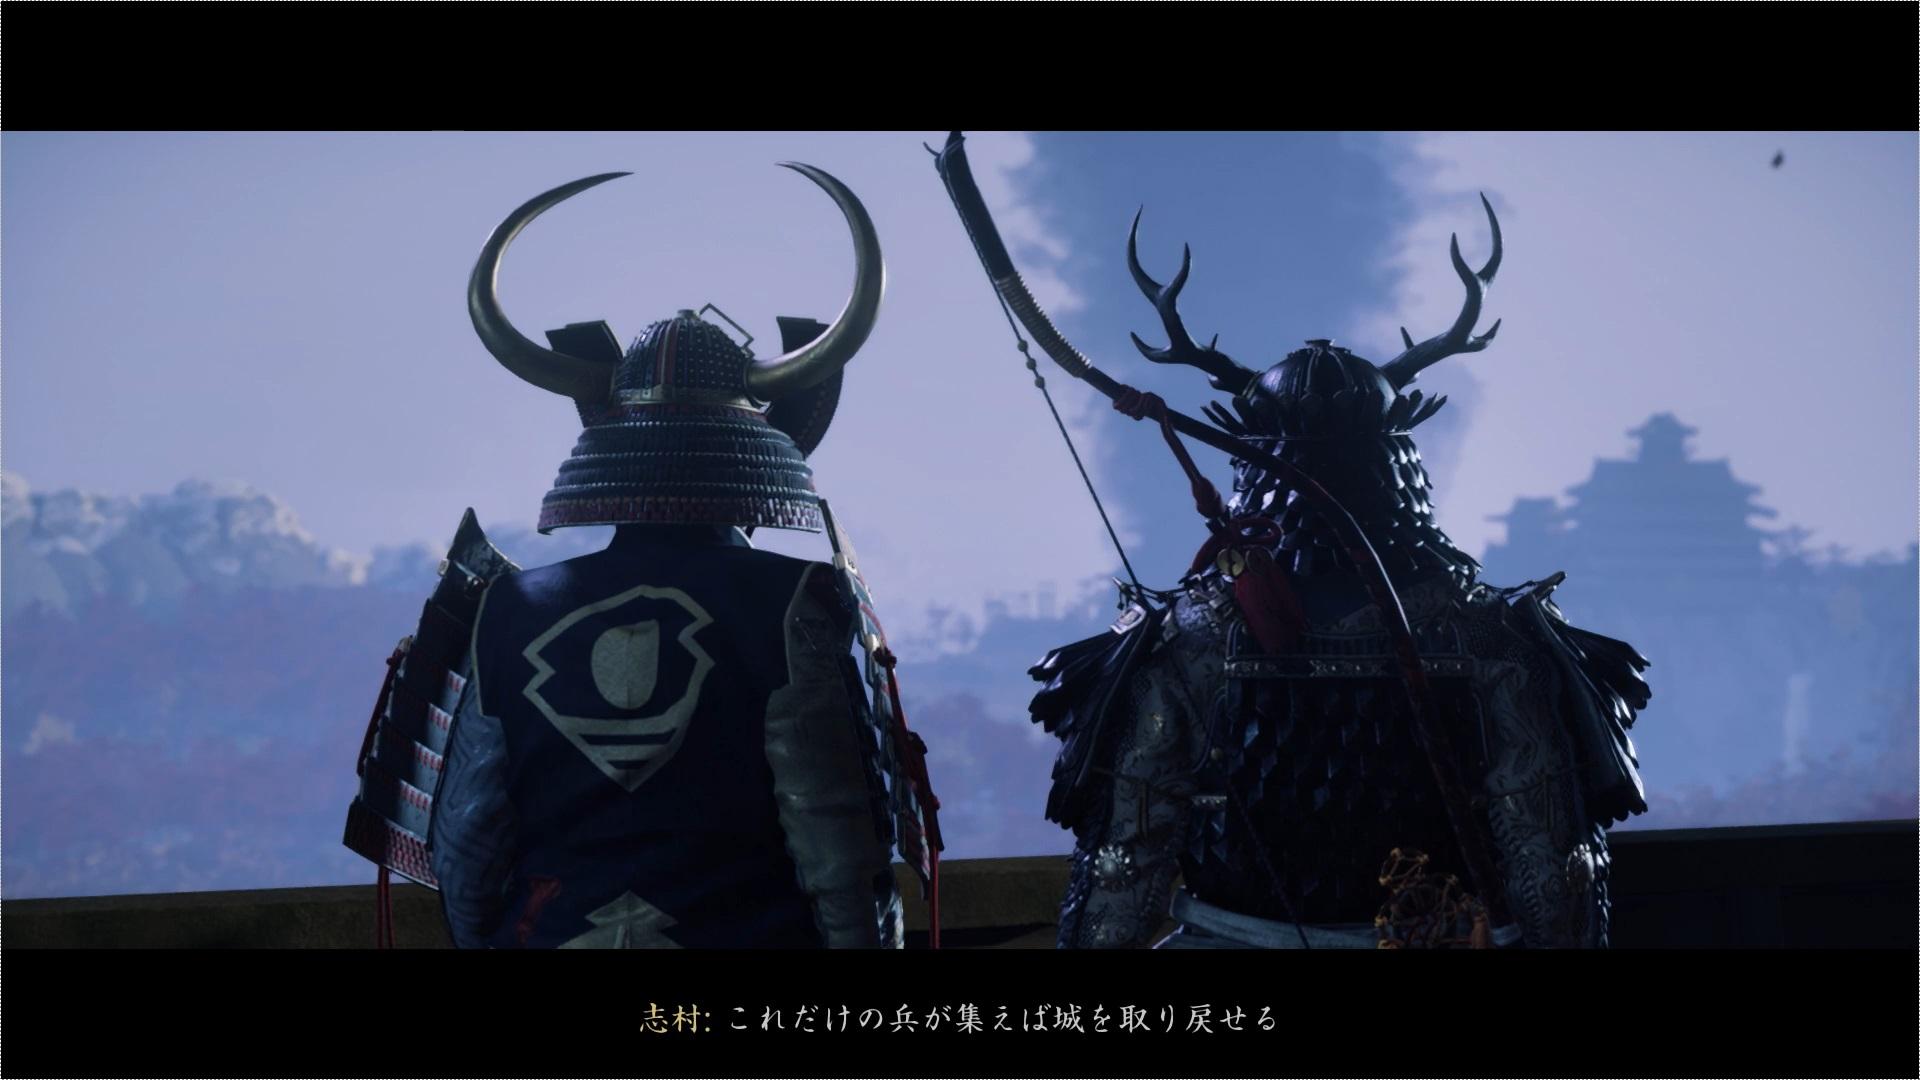 本土から援軍が到着したため、志村城奪還の戦を仕掛ける仁たち。